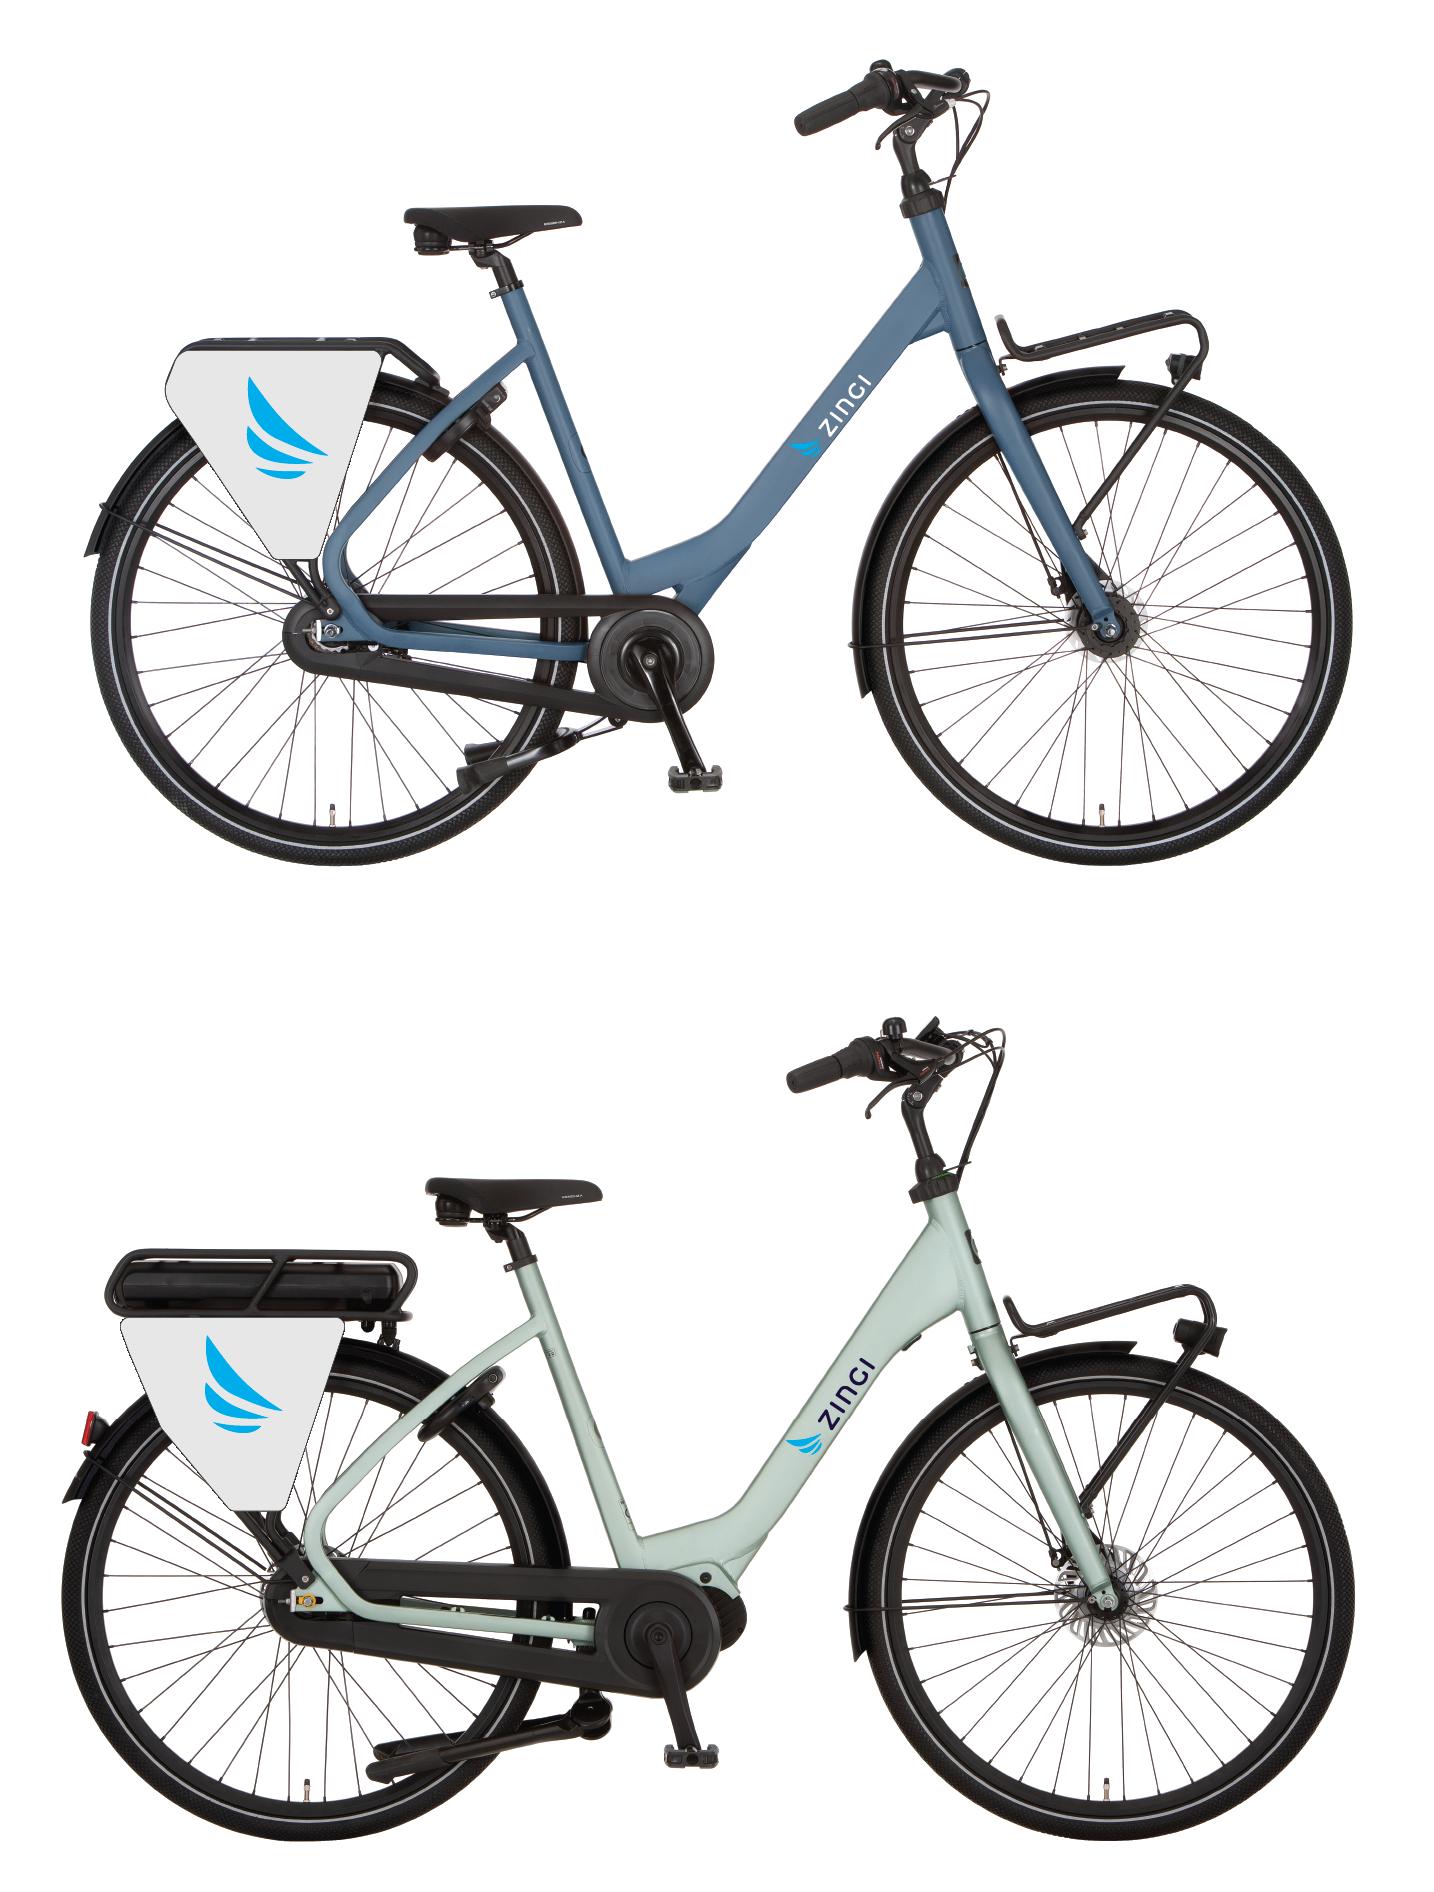 Zingi city bike and e-bike